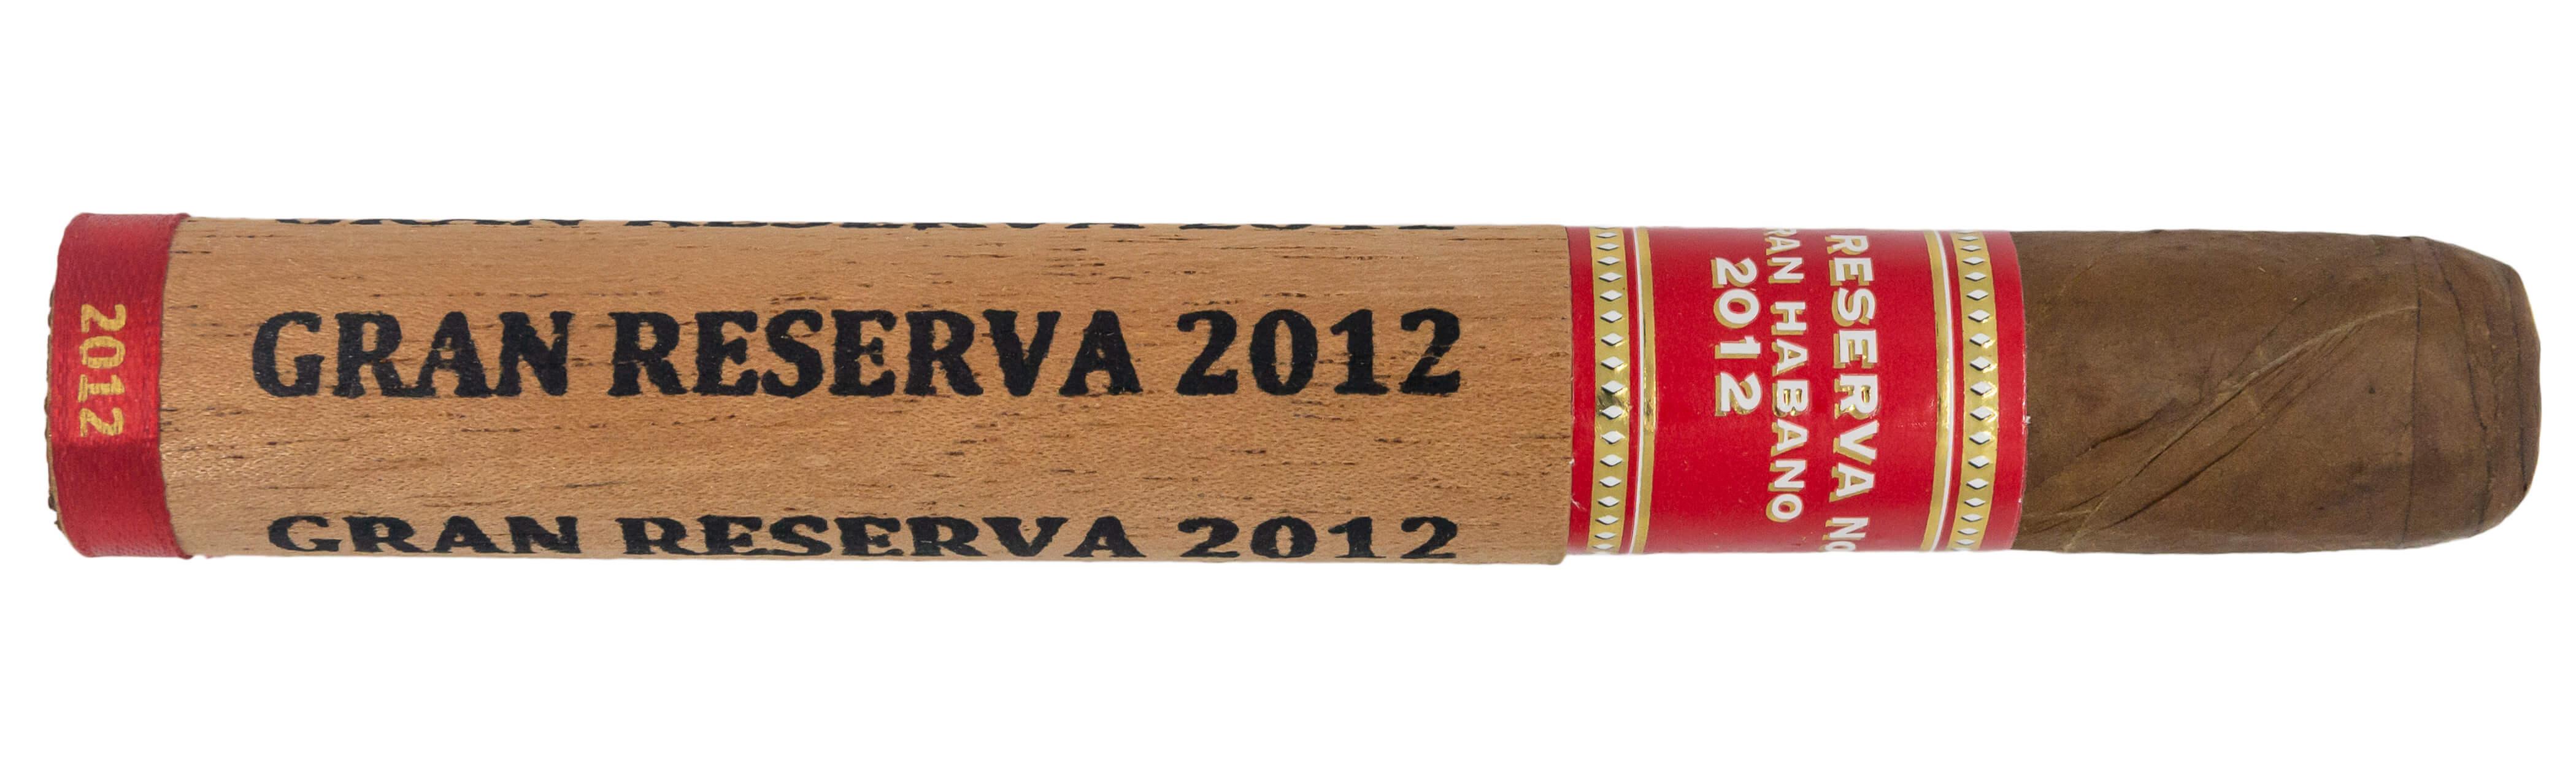 Blind Cigar Review: Gran Habano | Corojo #5 Gran Reserva 2012 Corona Gorda